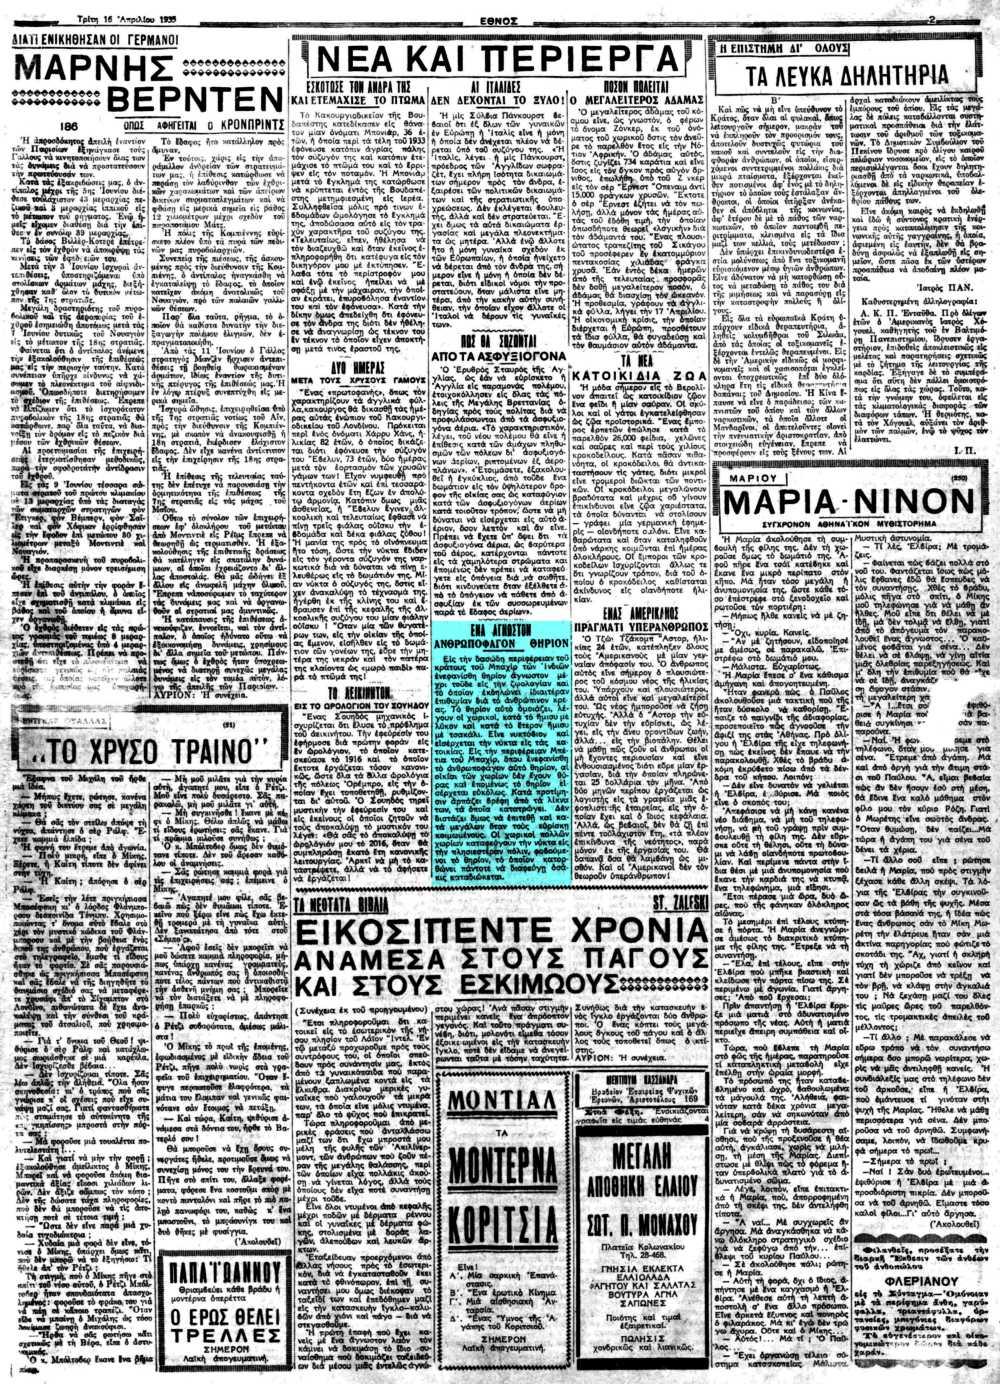 """Το άρθρο, όπως δημοσιεύθηκε στην εφημερίδα """"ΕΘΝΟΣ"""", στις 16/04/1935"""